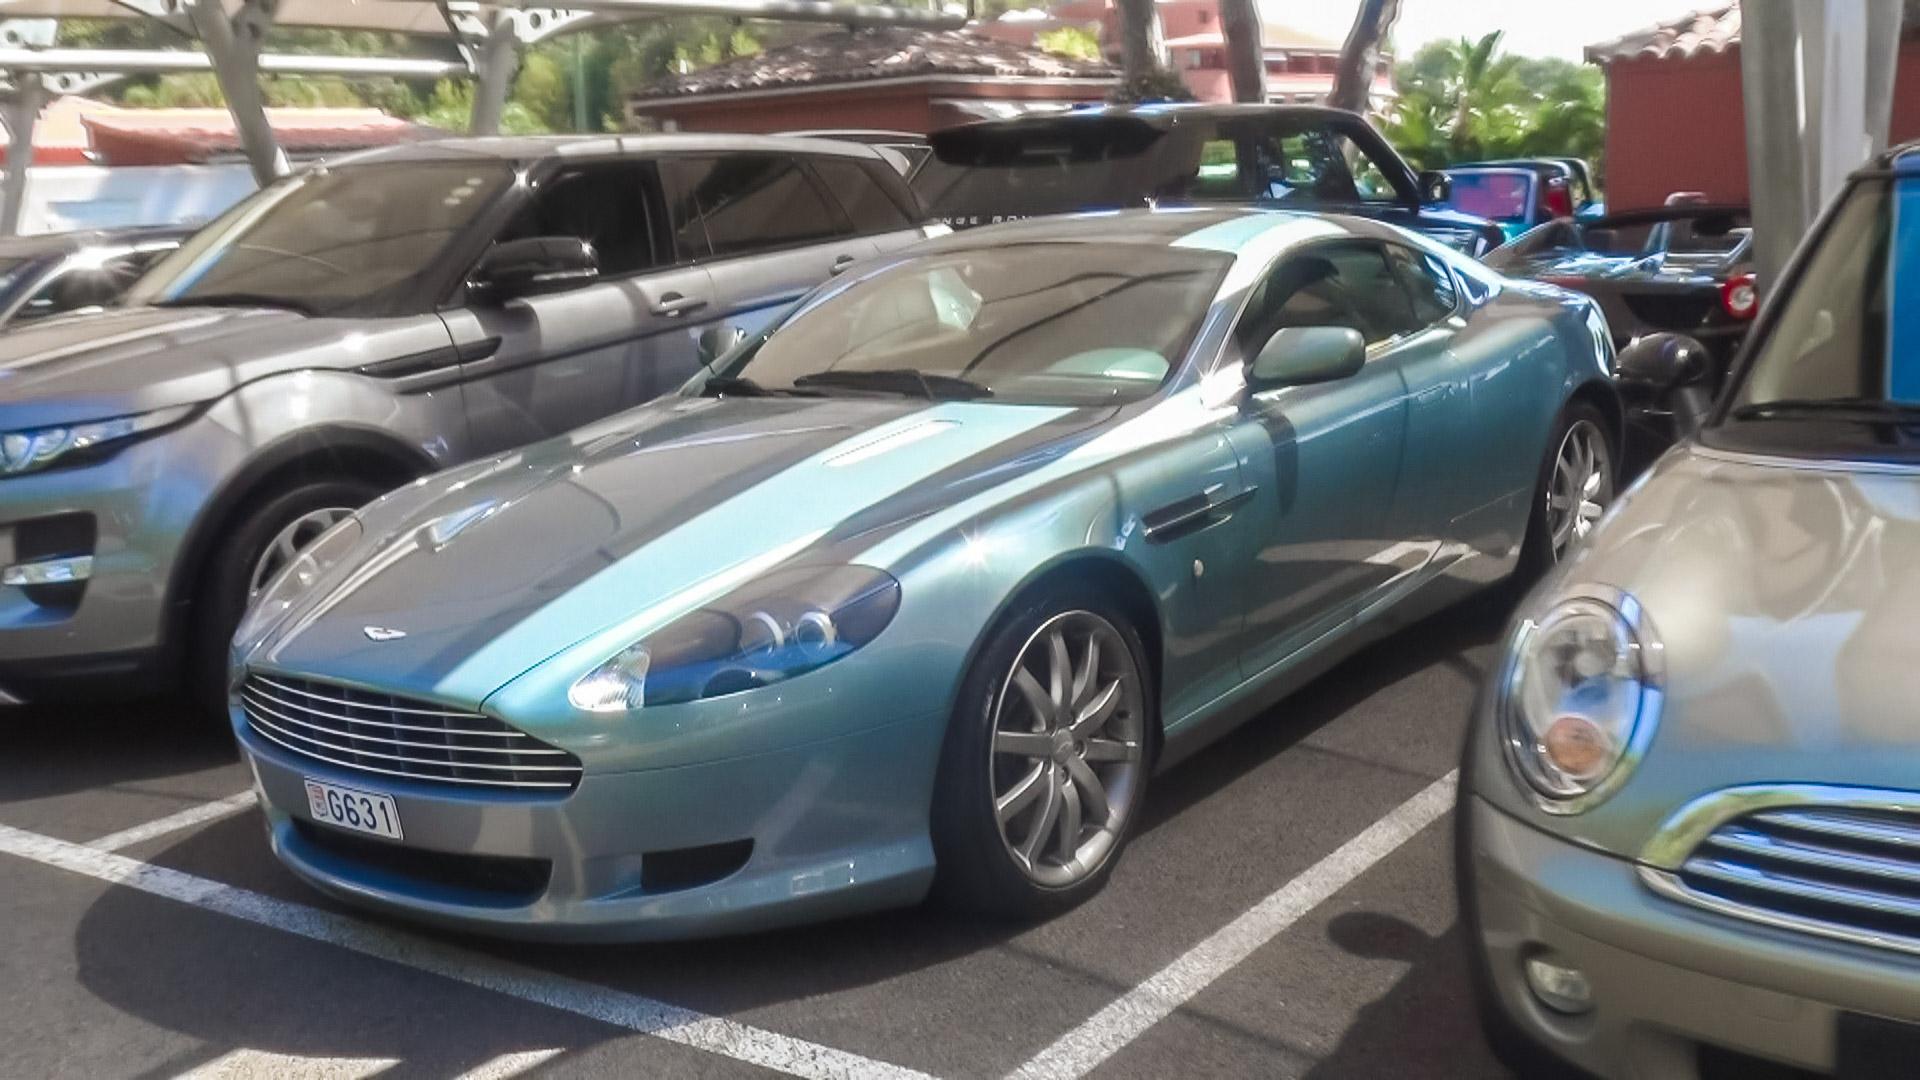 Aston Martin DB9 Coupé - G631 (MC)